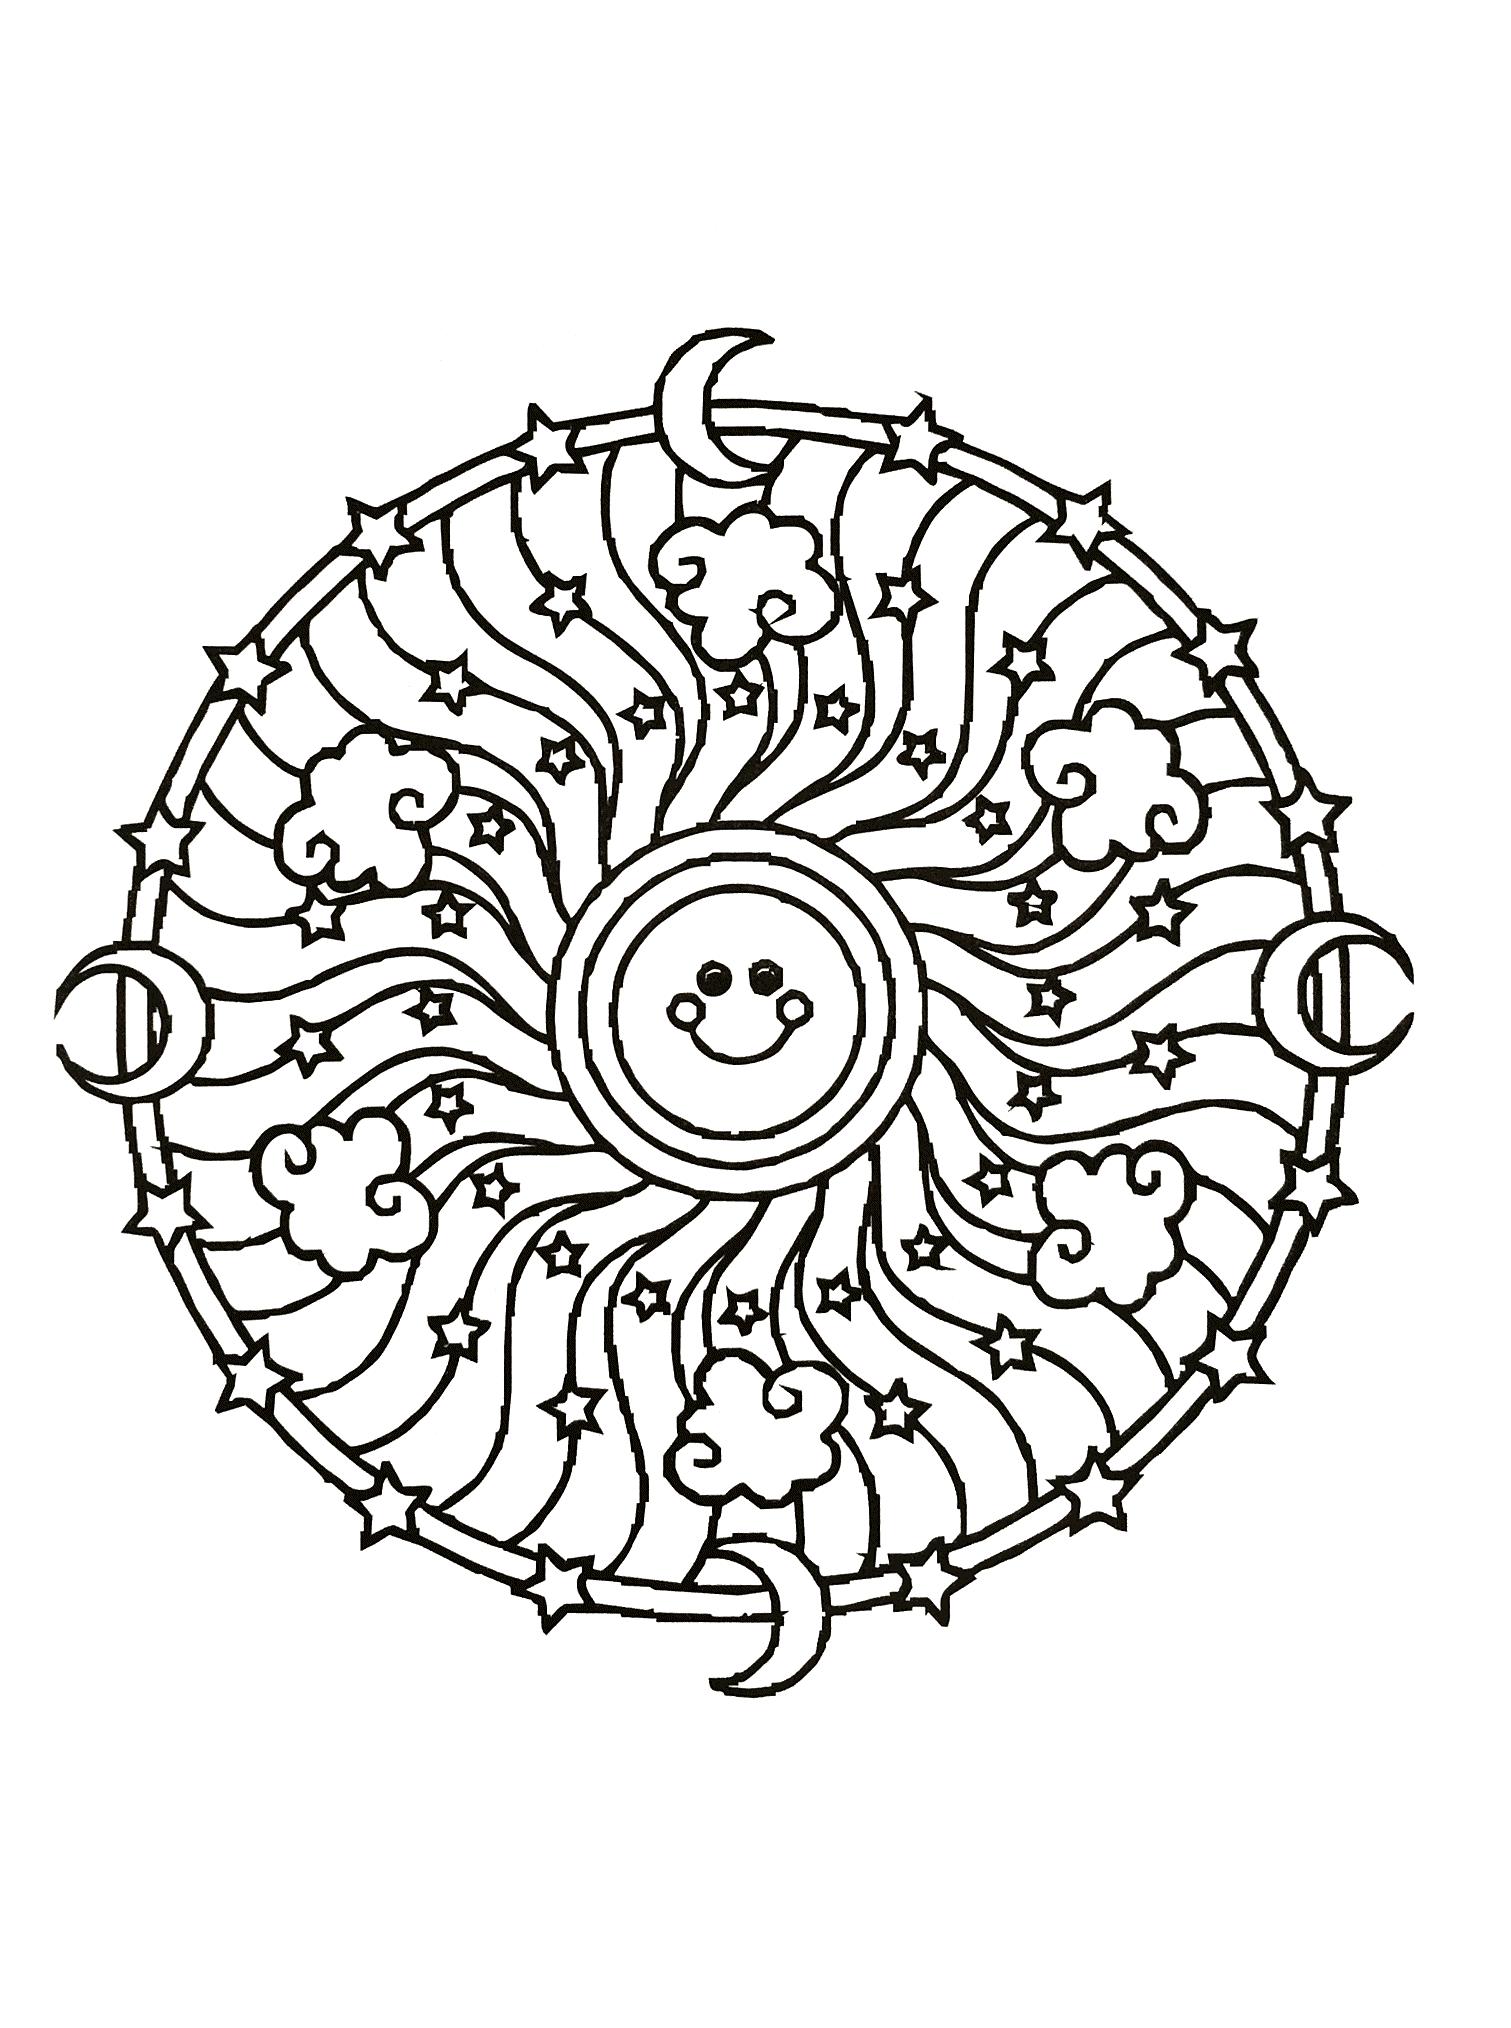 Coloriage Adulte Soleil.Mandala Soleil Mandalas Difficiles Pour Adultes 100 Mandalas